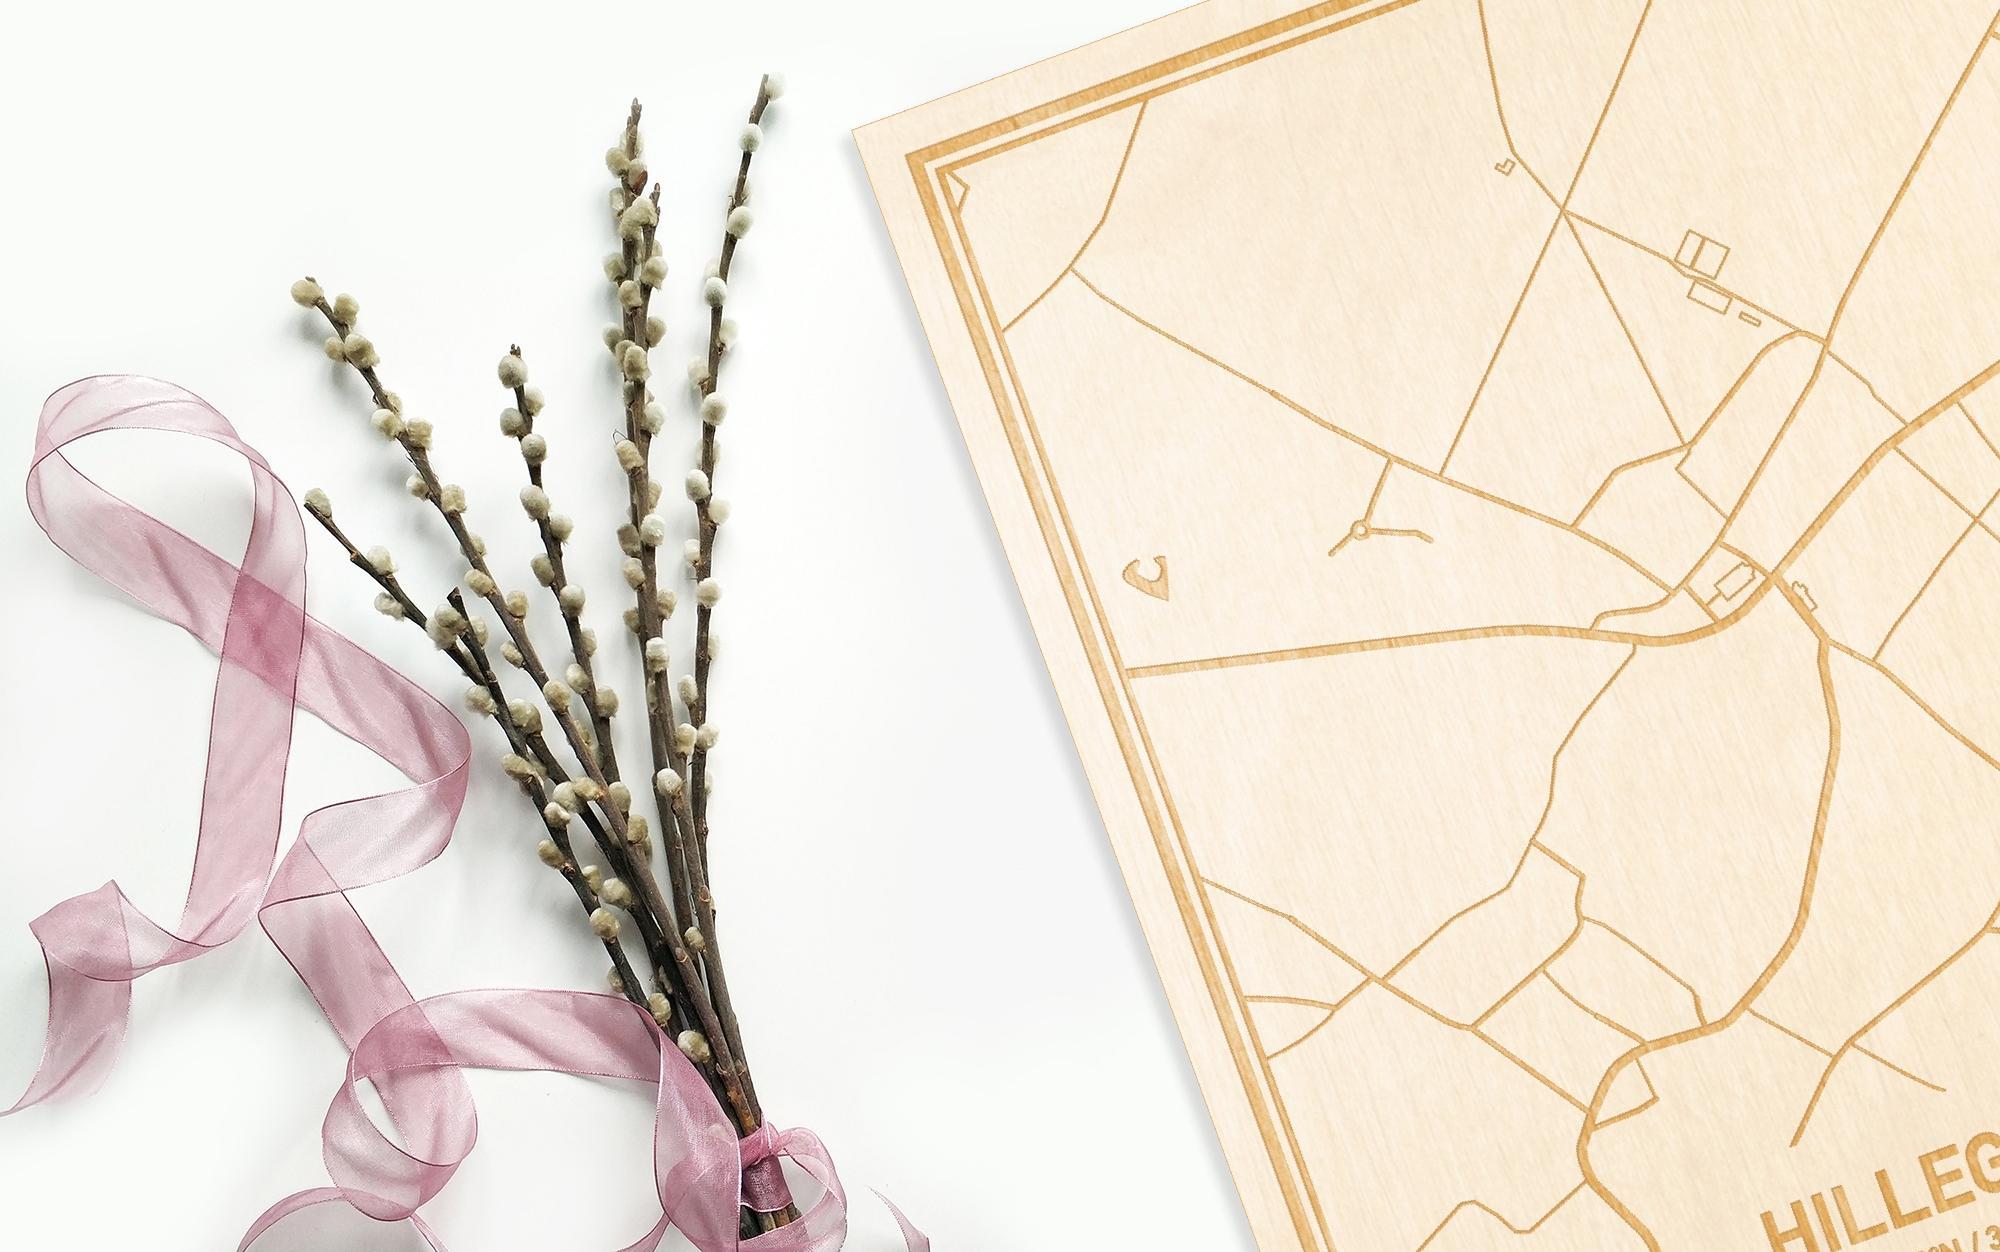 Hier ligt de houten plattegrond Hillegem naast een bloemetje als gepersonaliseerd cadeau voor haar.